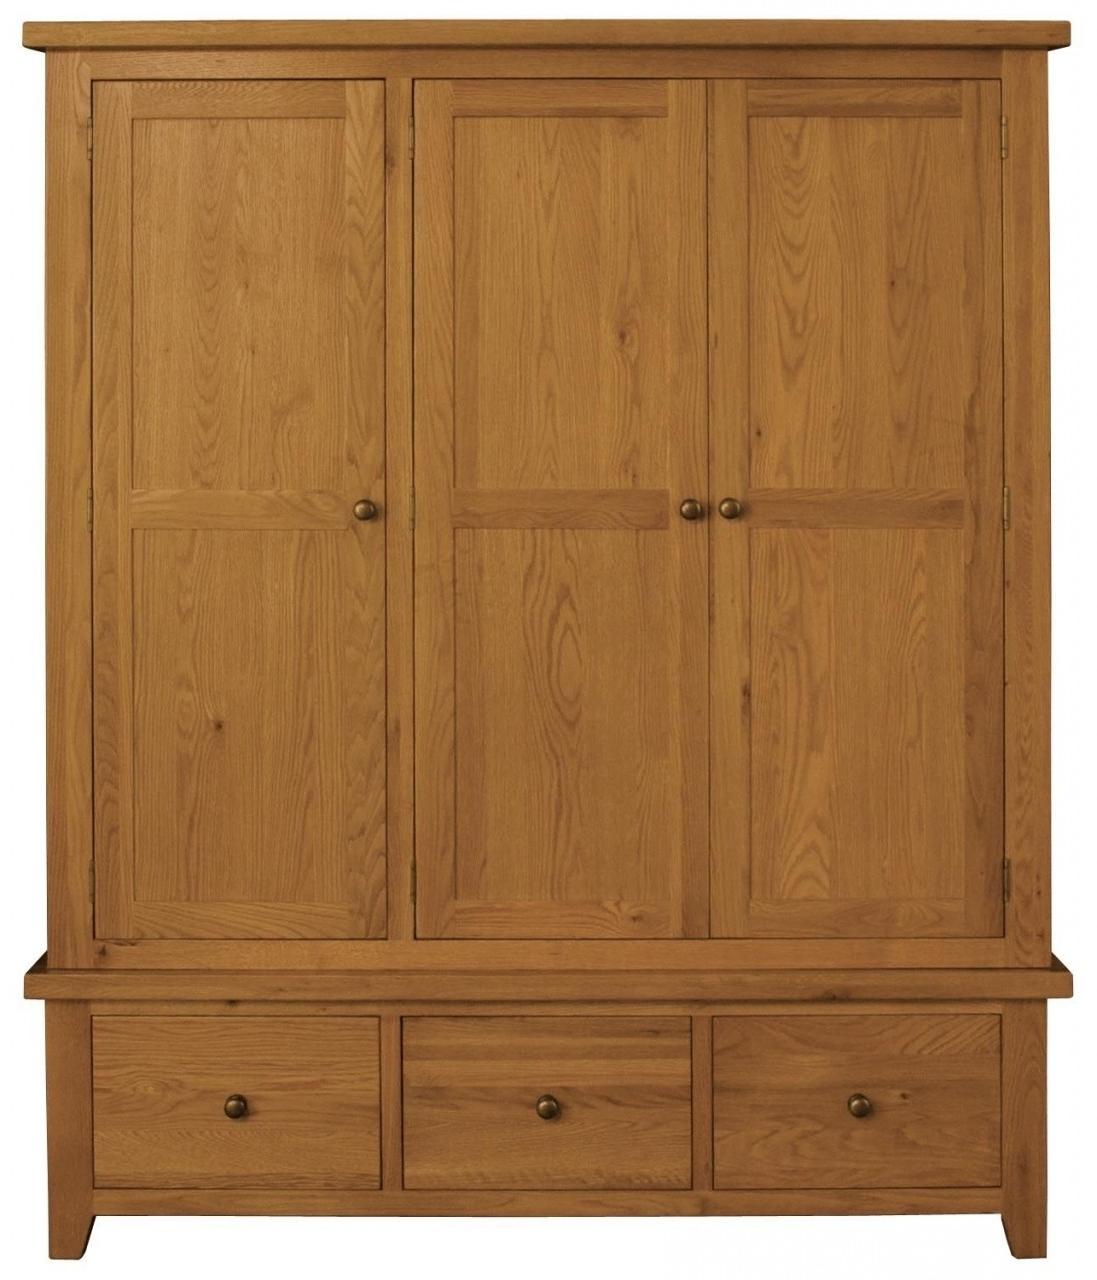 Famous Triple Door Wardrobes For Buy Vermont Oak Triple Wardrobe – 3 Door 3 Drawer Online – Cfs Uk (View 13 of 15)